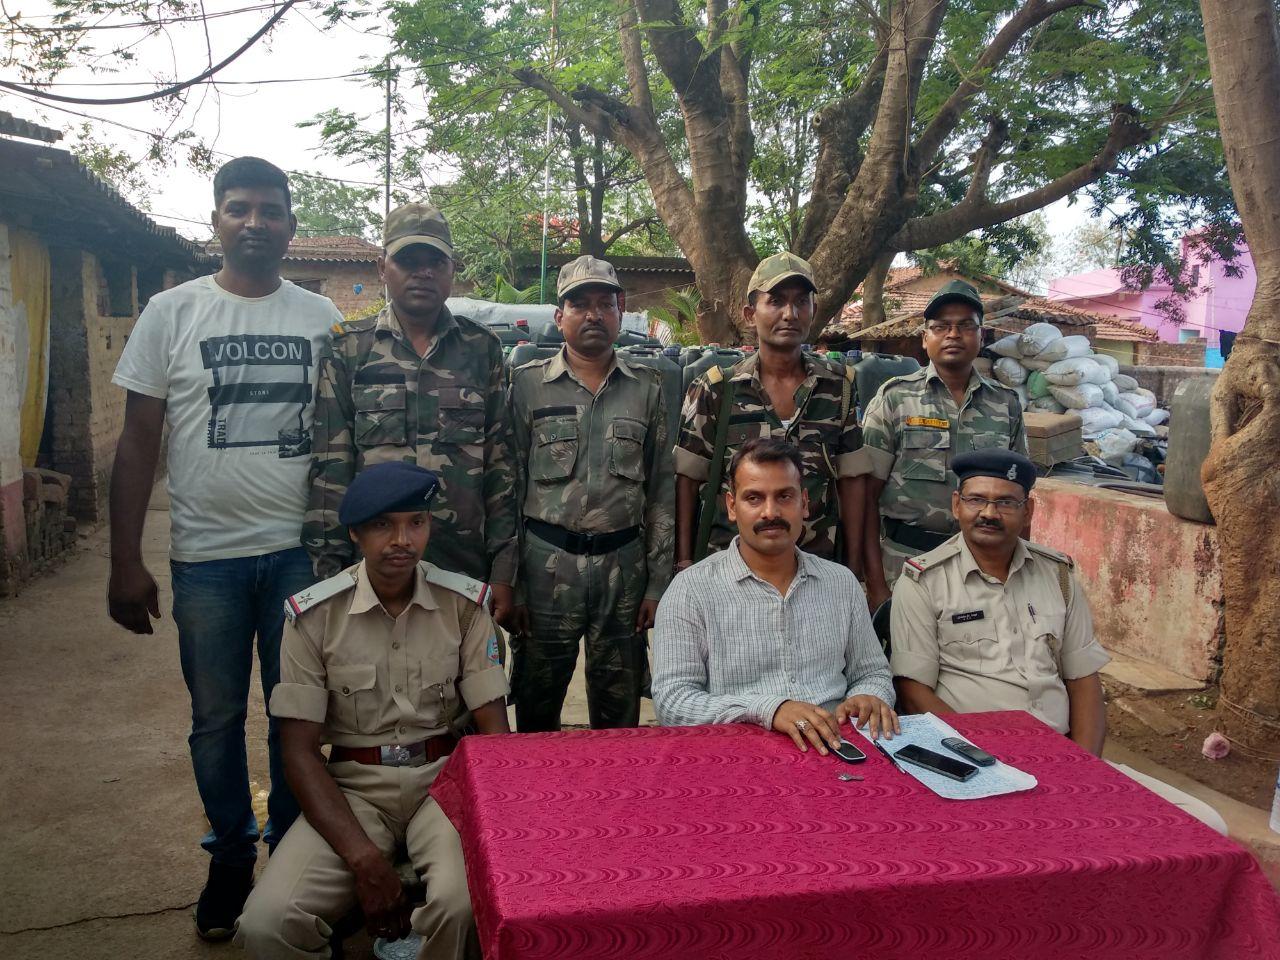 <p>नगड़ी थाना प्रभारी राम नारायण सिंह ने आज प्रेस कॉन्फ्रेंस कर पत्रकारों को बताया की गुप्त सूचना के आधार पर एड़चोरो निवासी रुस्तम अंसारी के घर से 875 लीटर स्प्राइट…